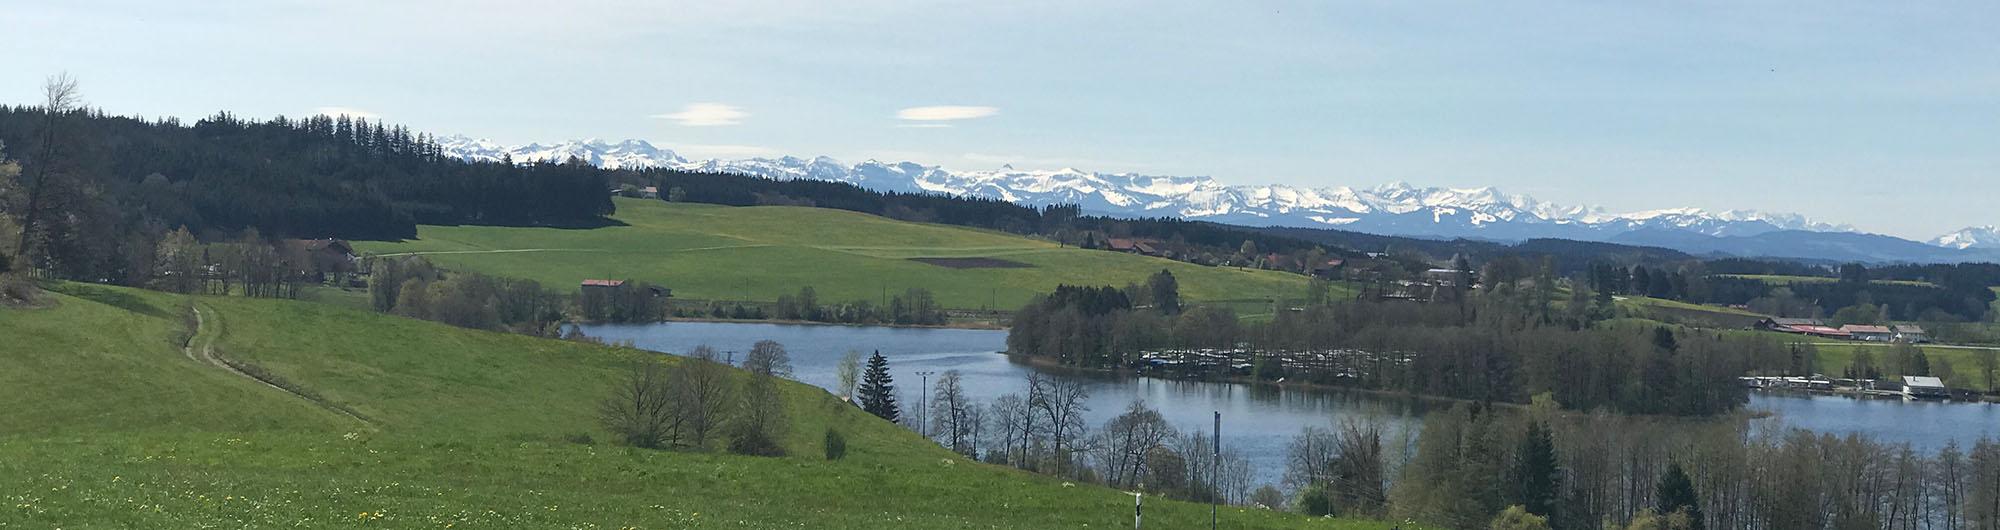 Berge Fruehjahr